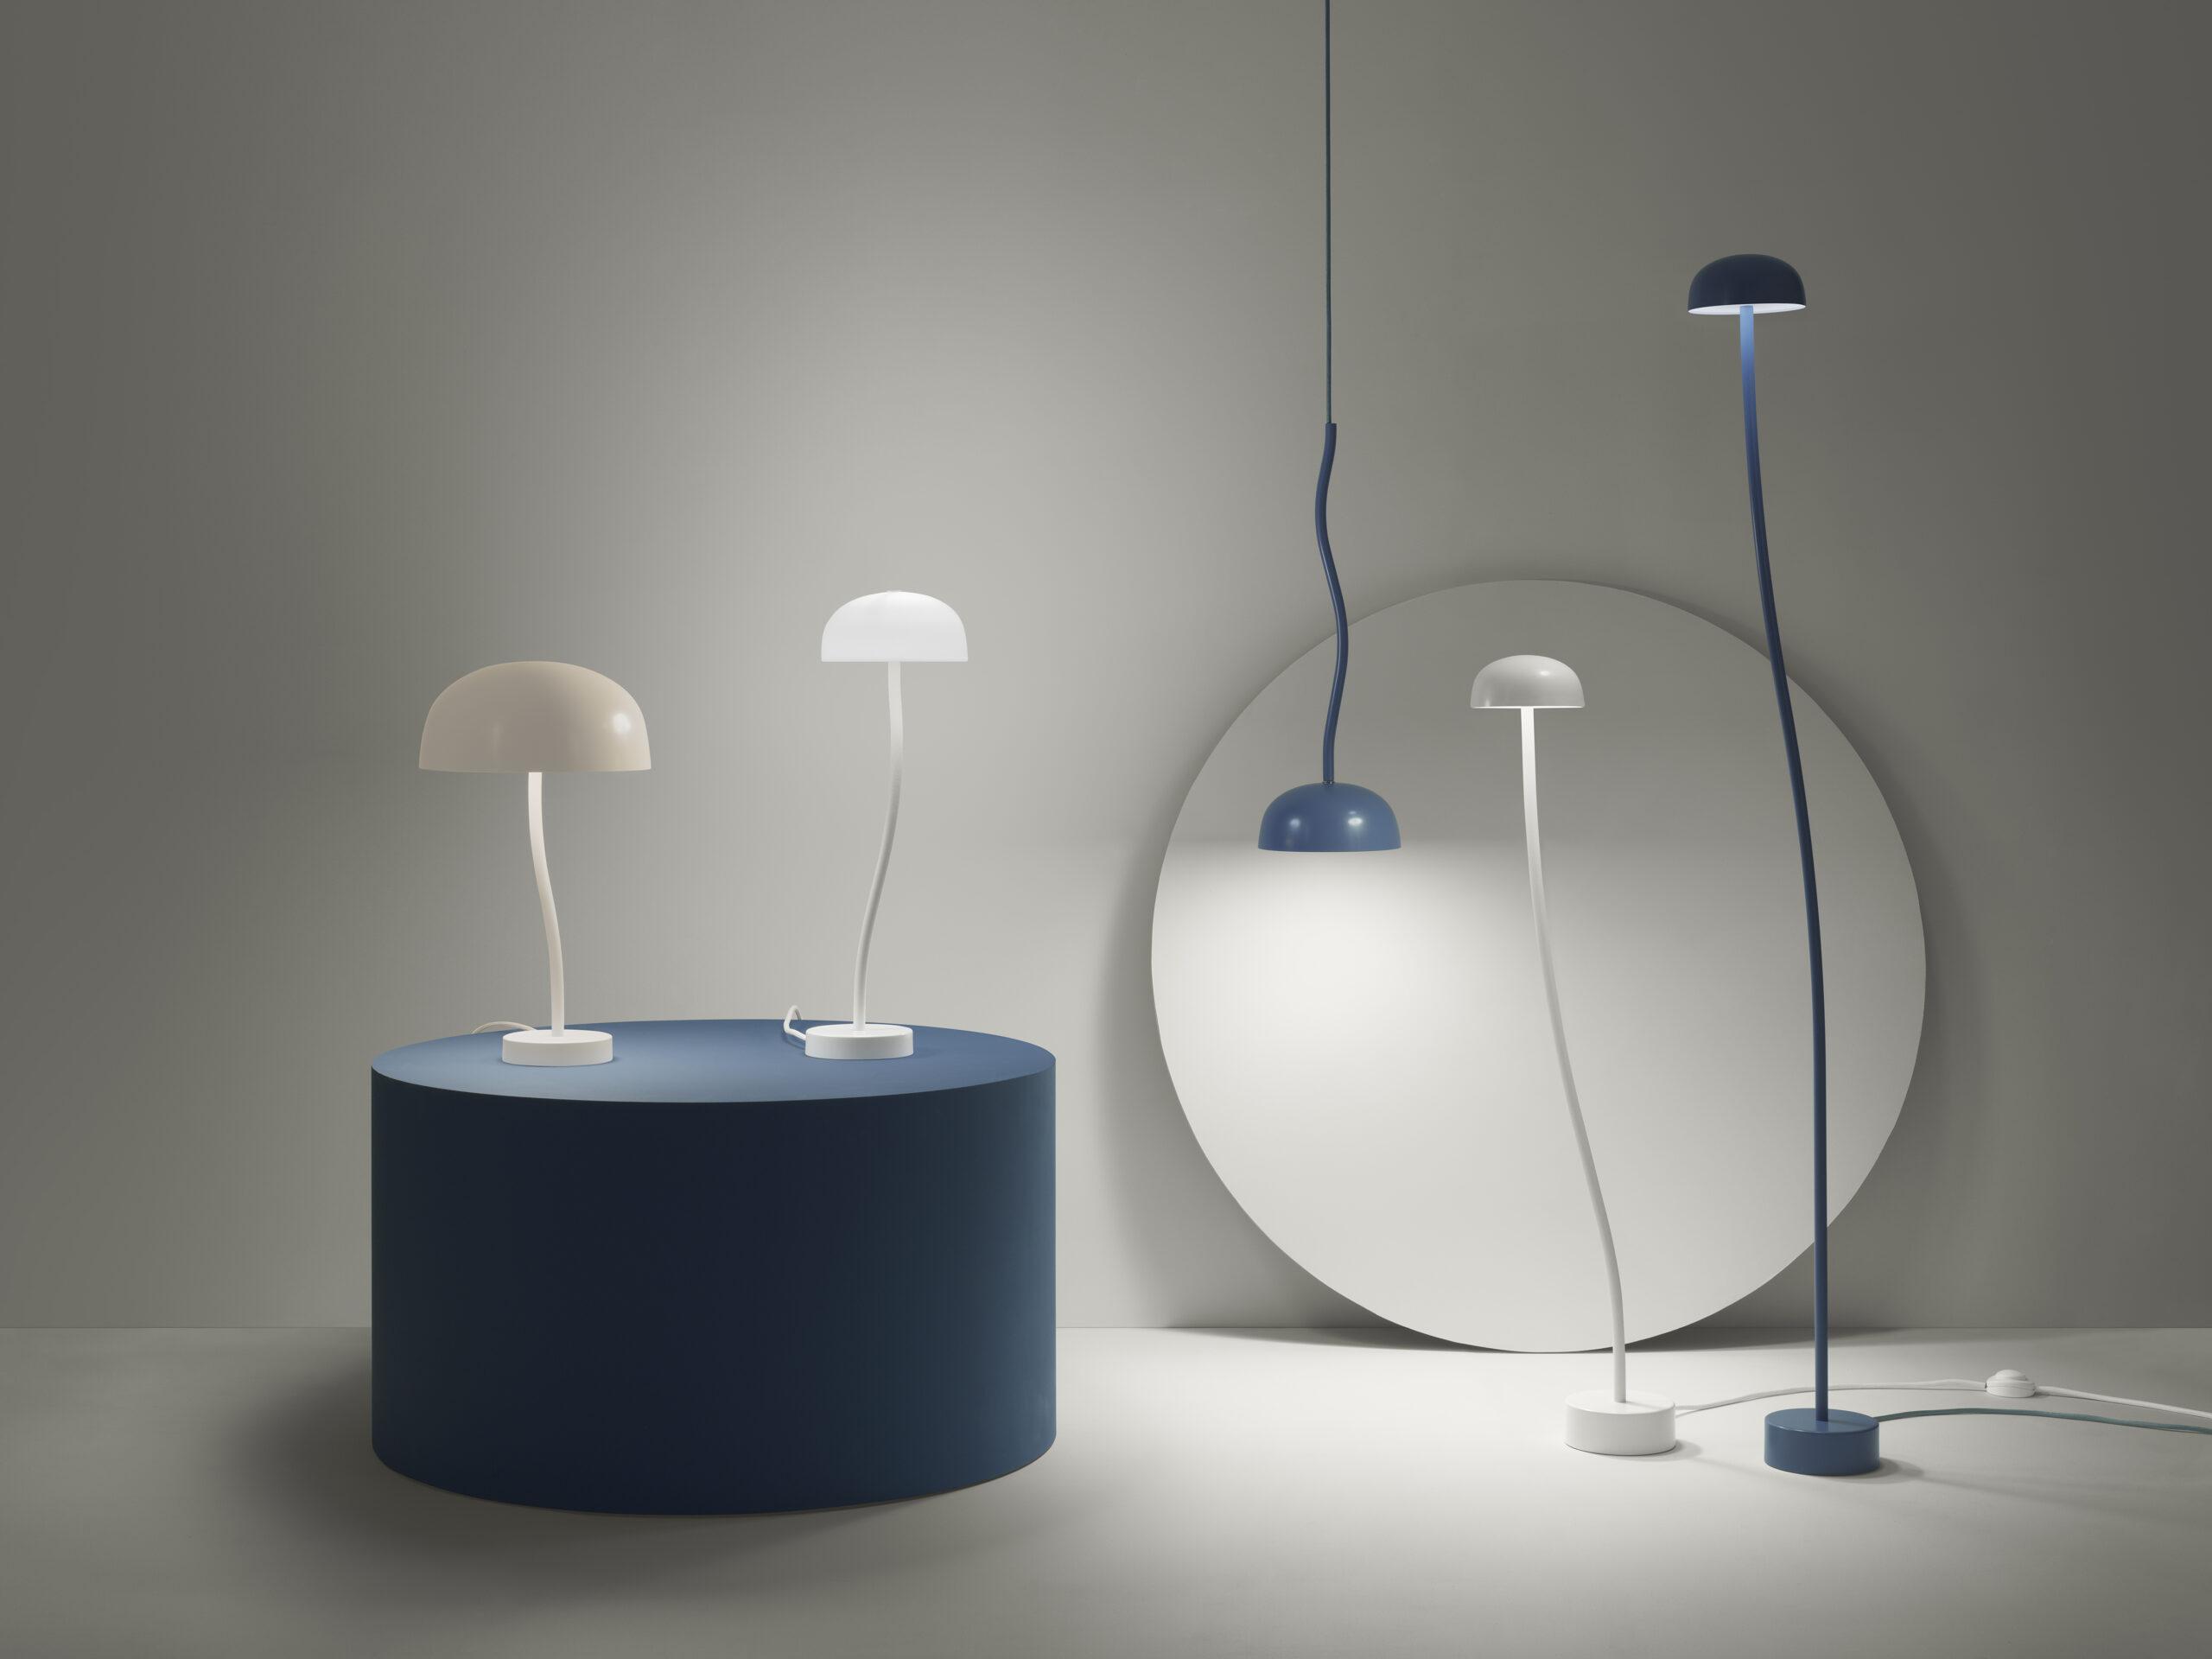 Curve bord-, gulv- og taklamper fra Zero